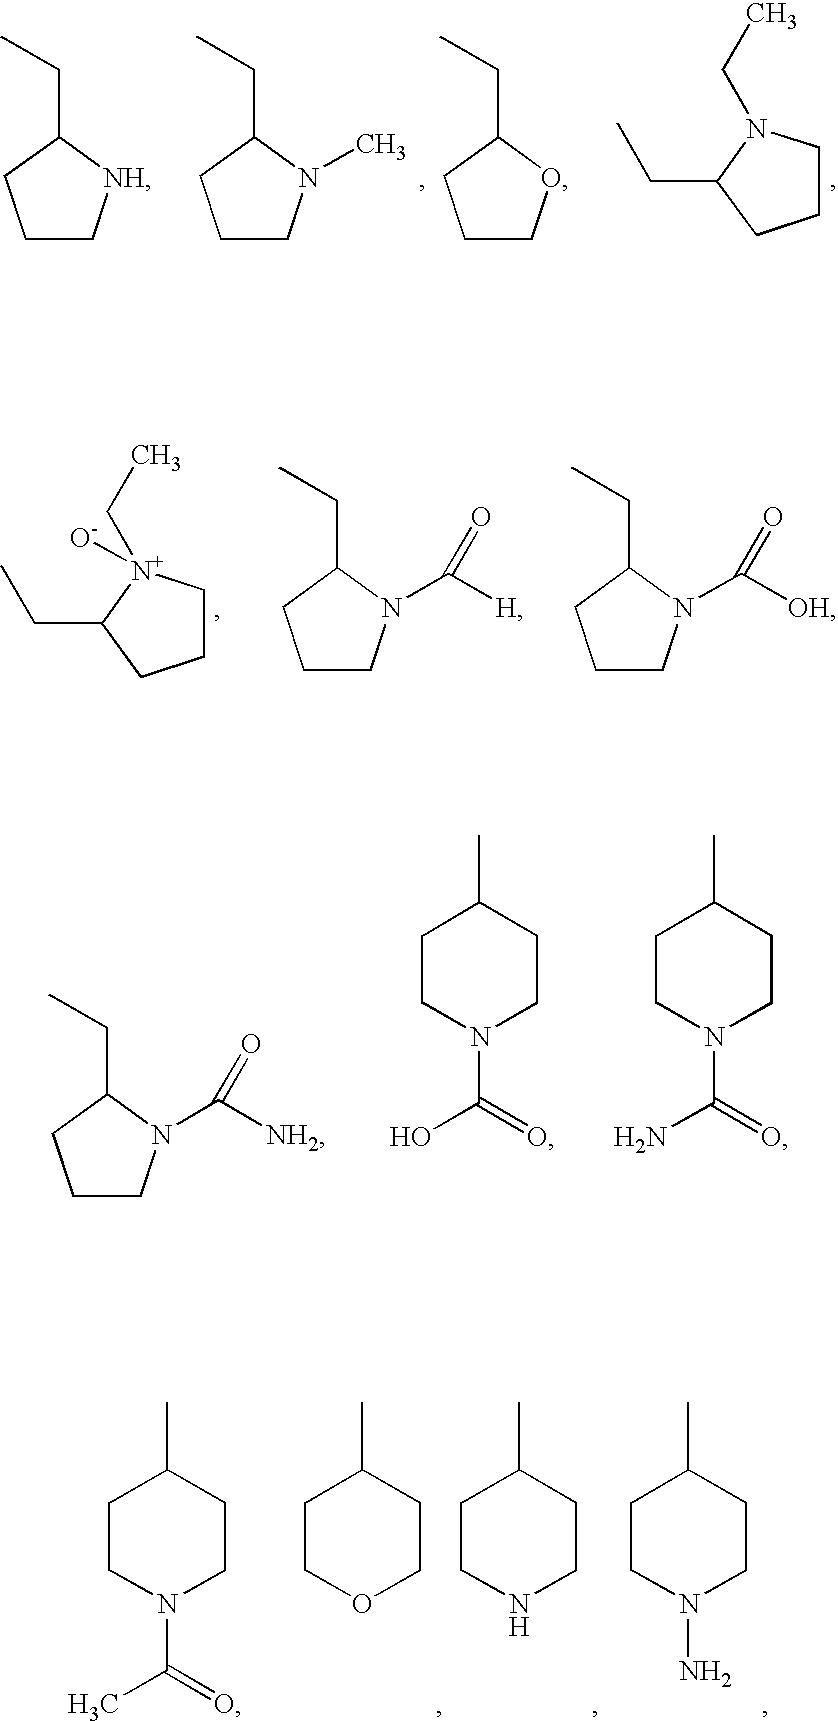 Figure US07112587-20060926-C00124